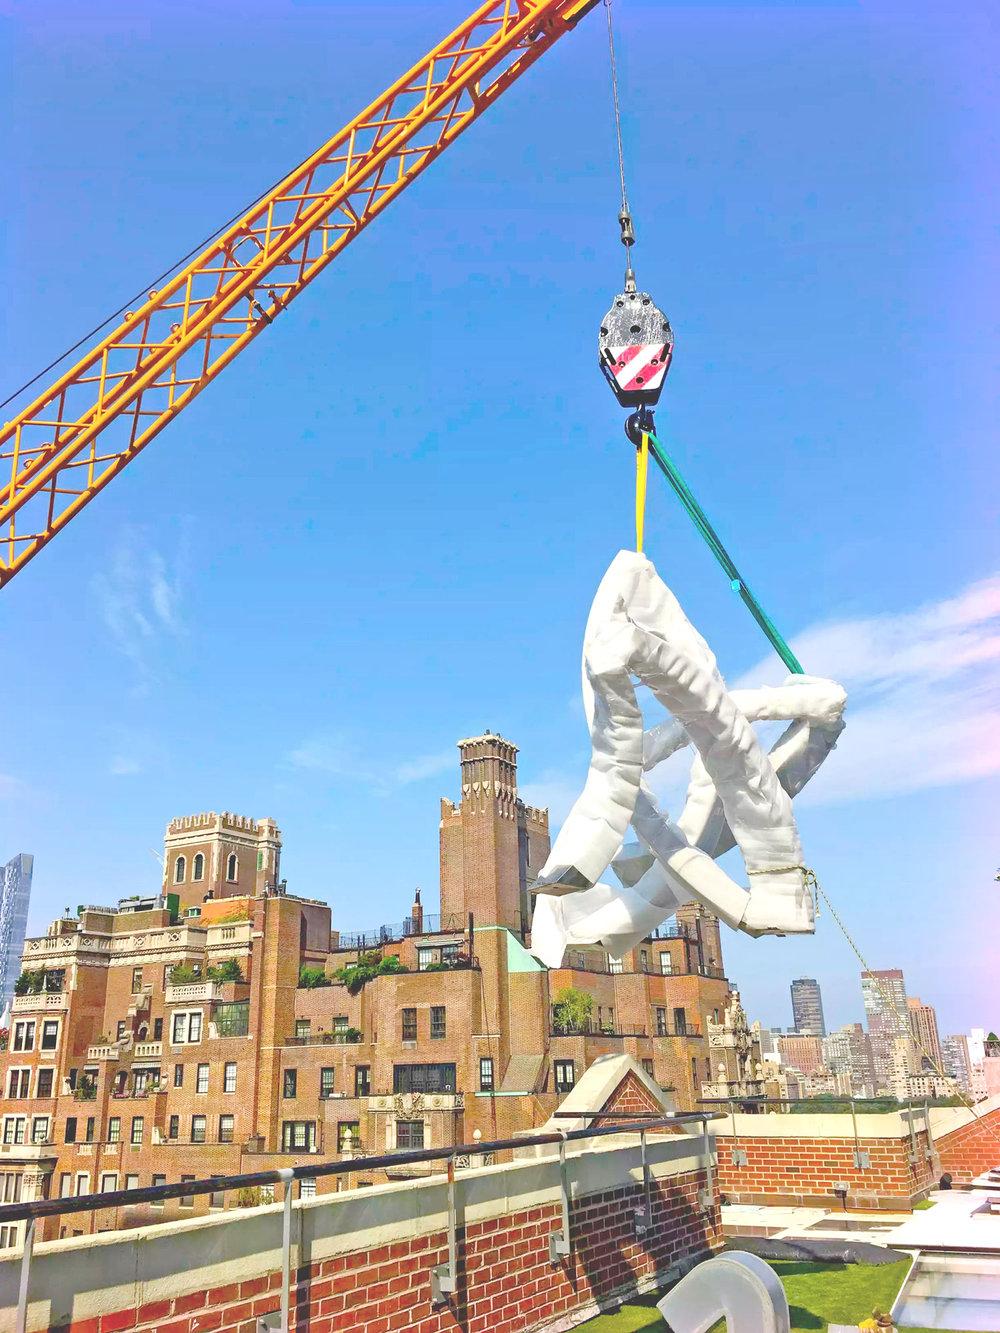 art-sculpture-crane.jpg